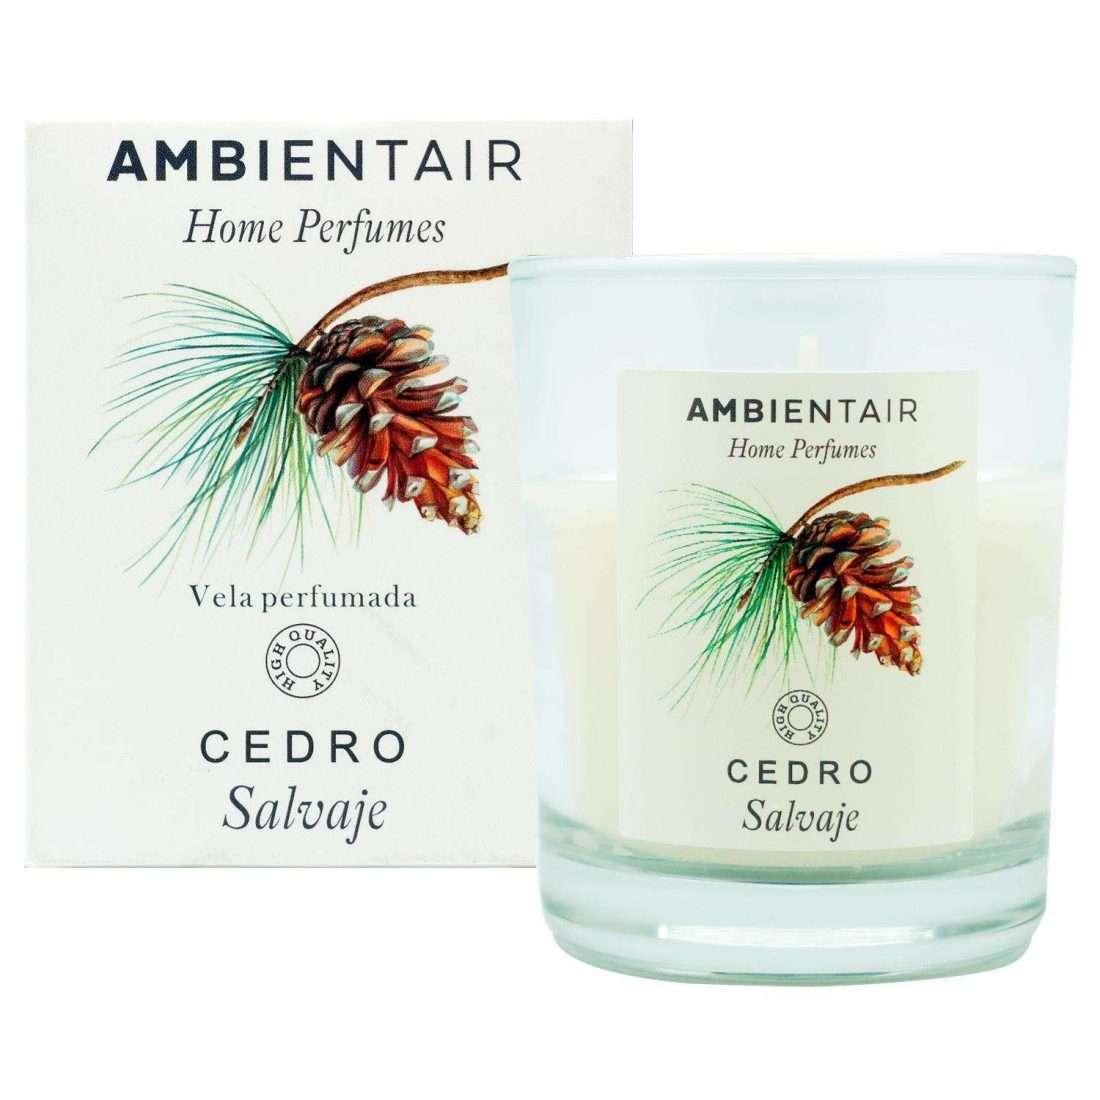 8435474413001 Vela 30 H Home Perfume Cd Estuche Y Vaso 2